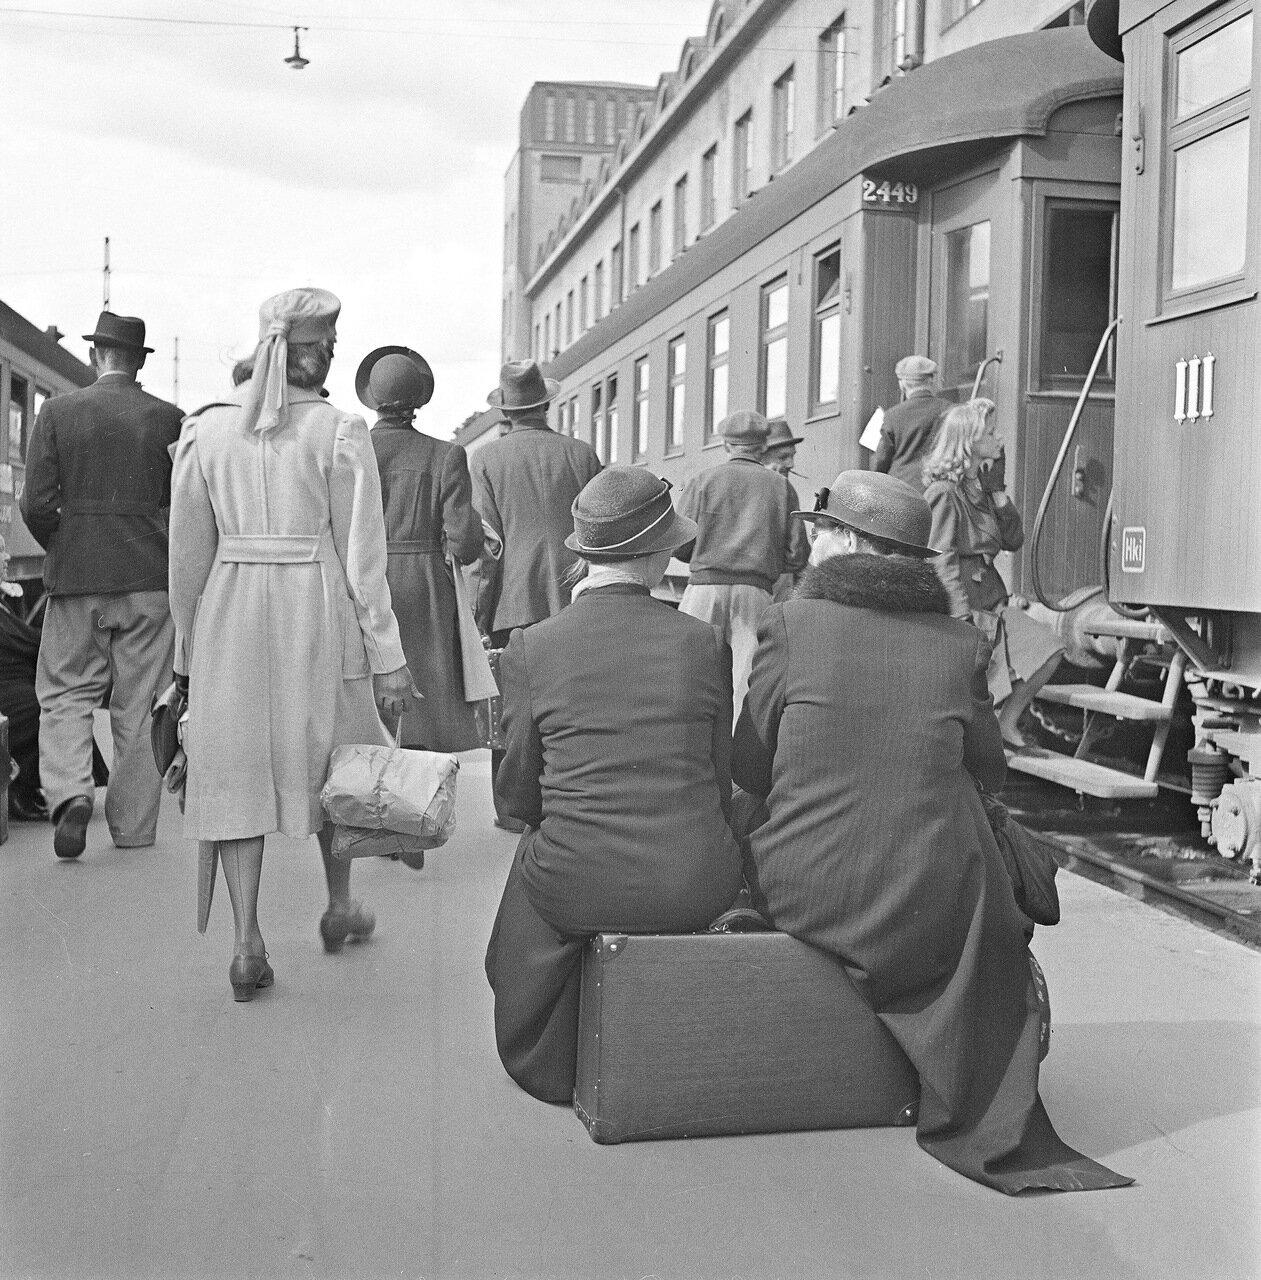 1941. 20 июня. Центральный вокзал. На станции